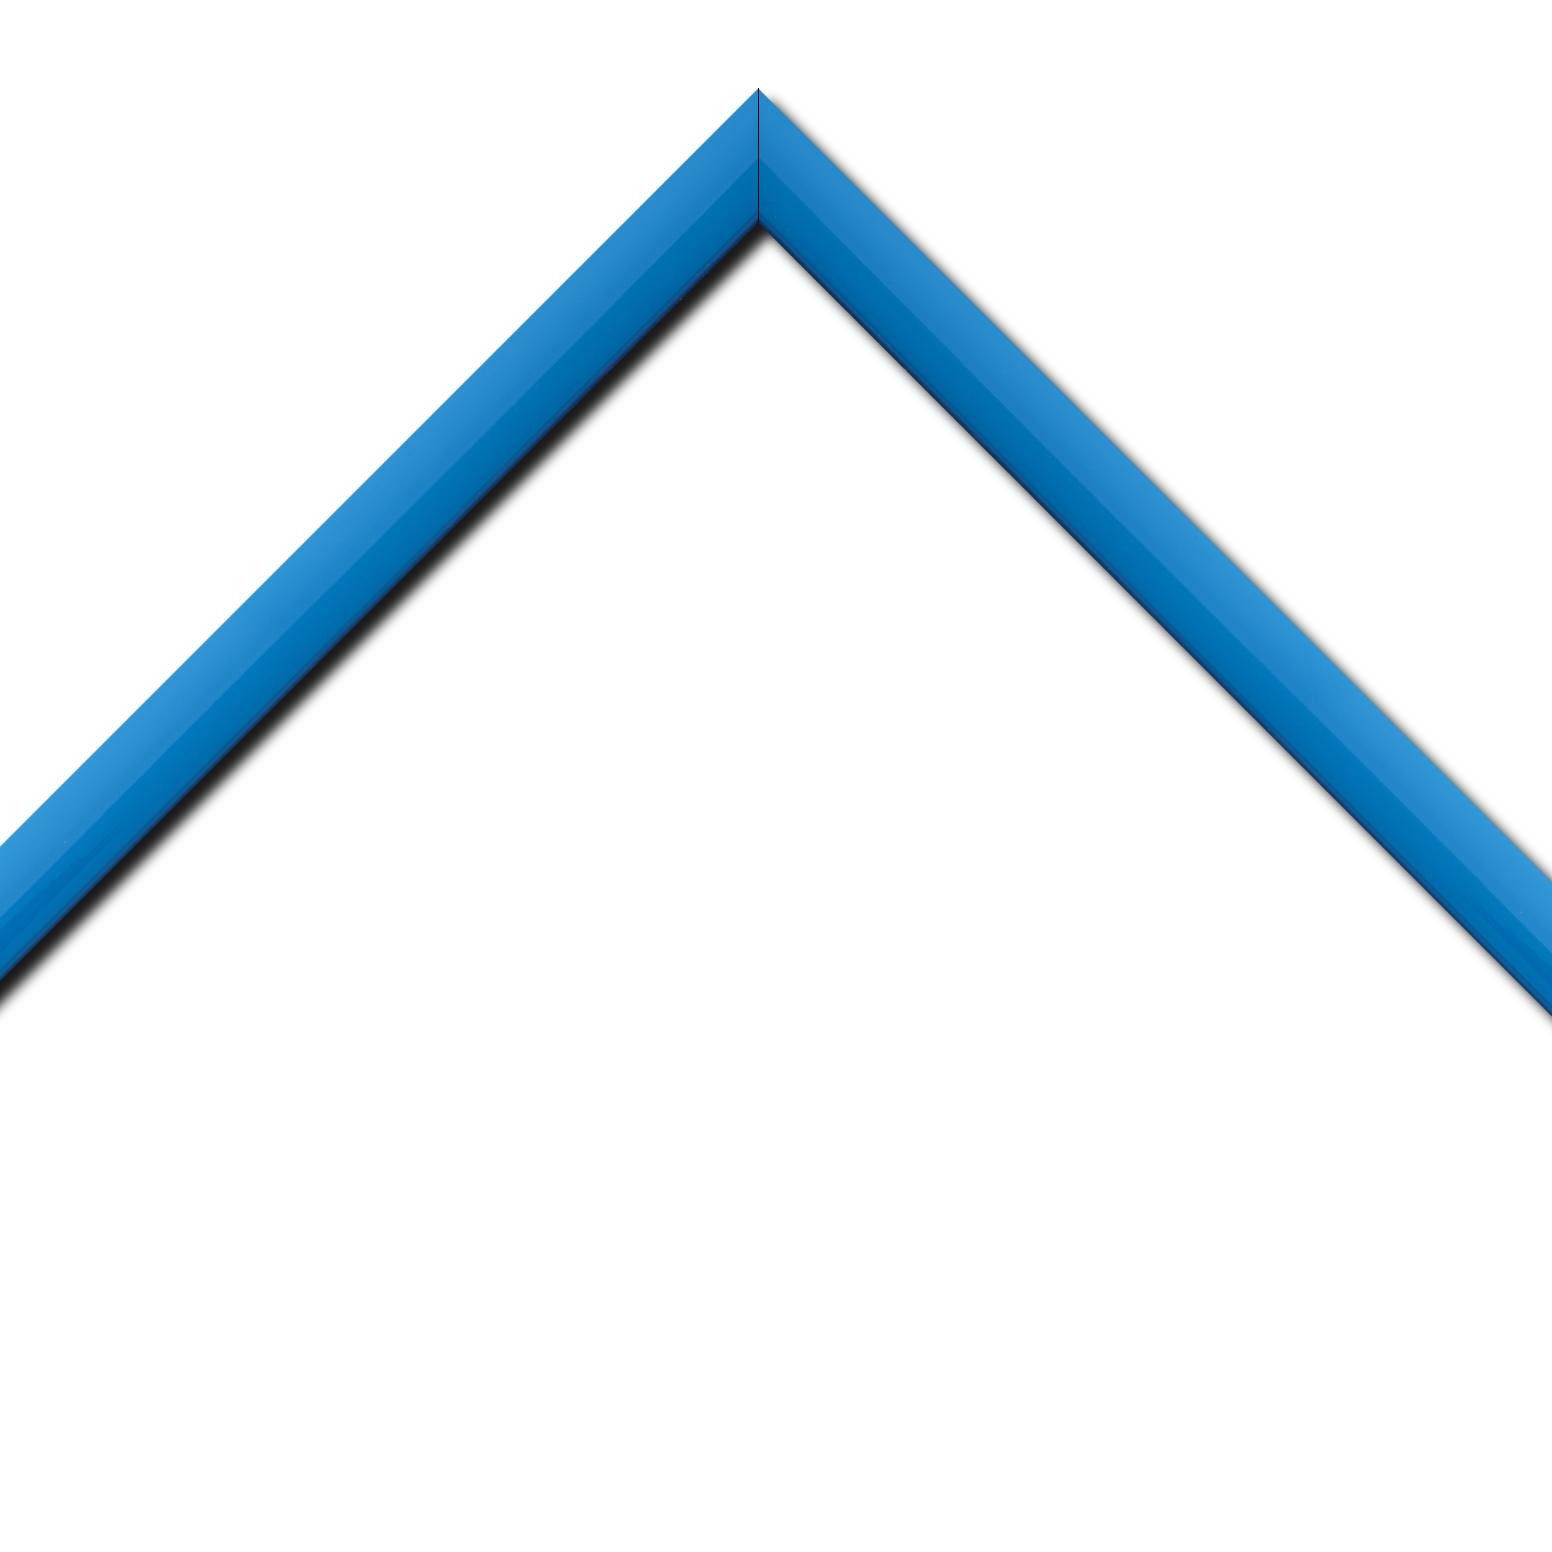 Baguette bois profil méplat largeur 2.3cm couleur bleu clair laqué